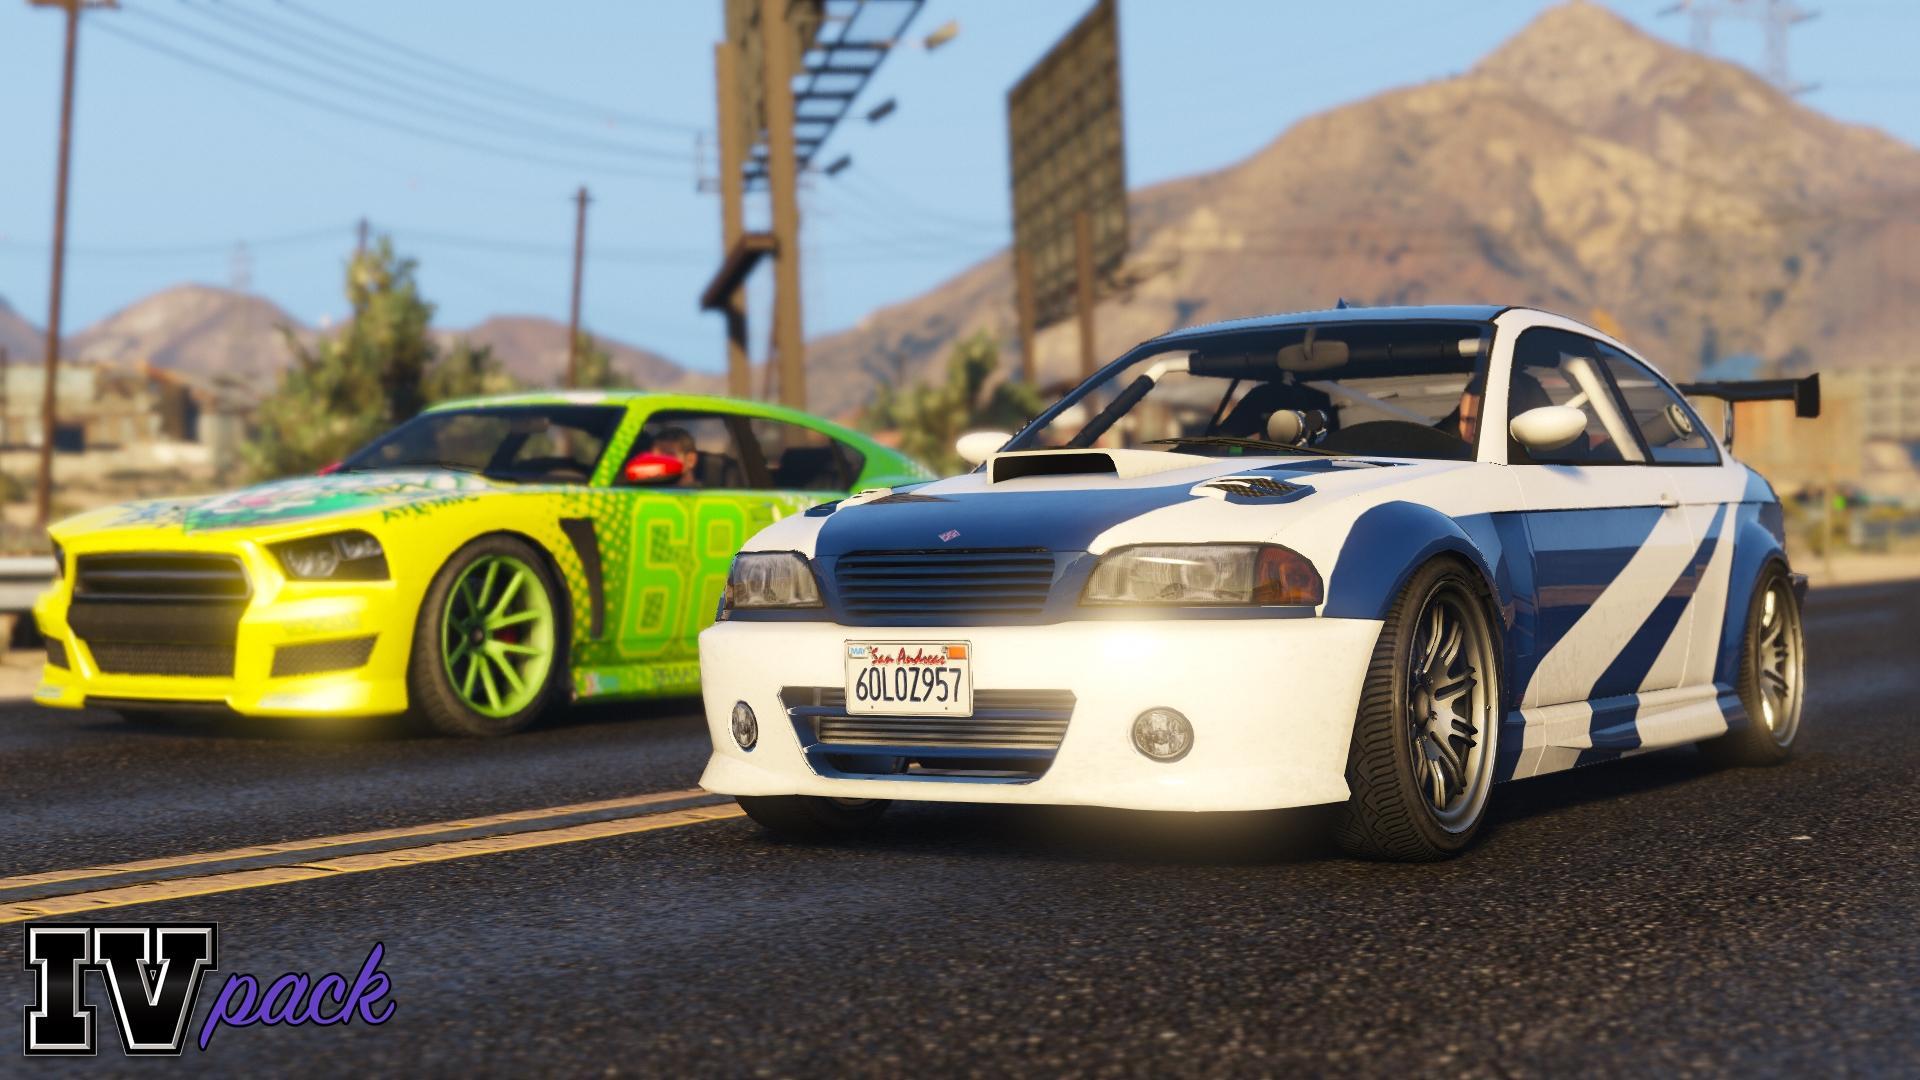 Gta5 cars